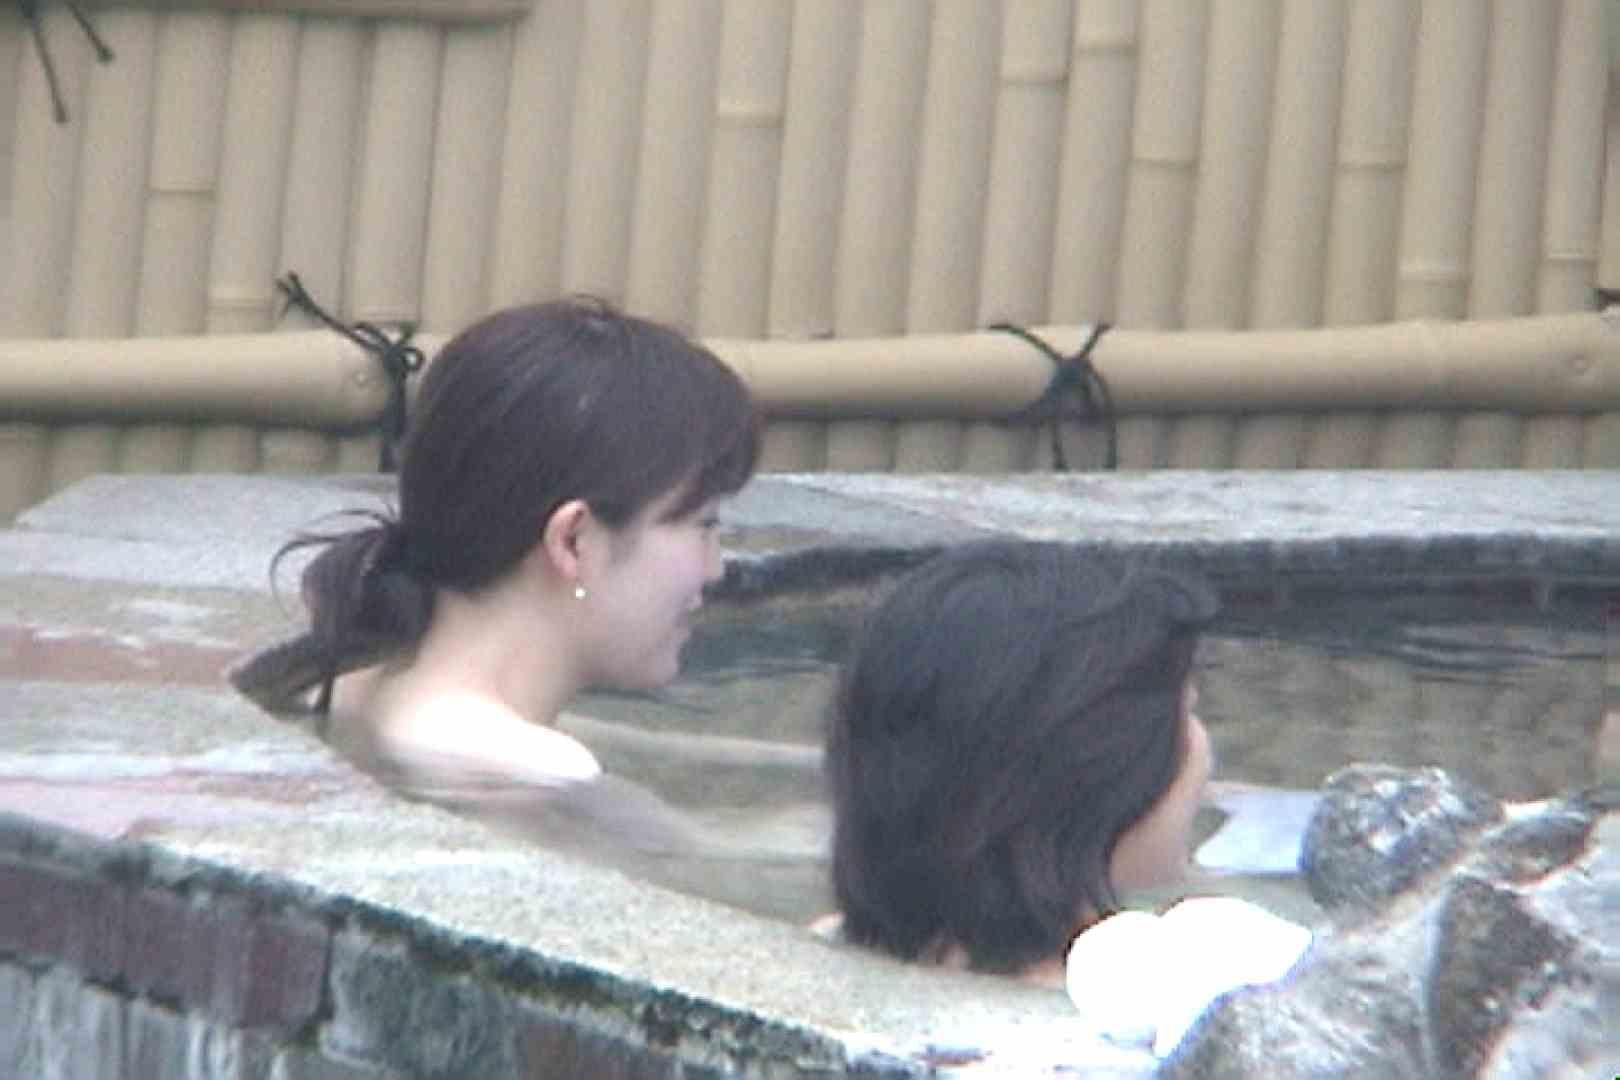 Aquaな露天風呂Vol.79【VIP限定】 露天風呂 | 盗撮動画  11枚 11